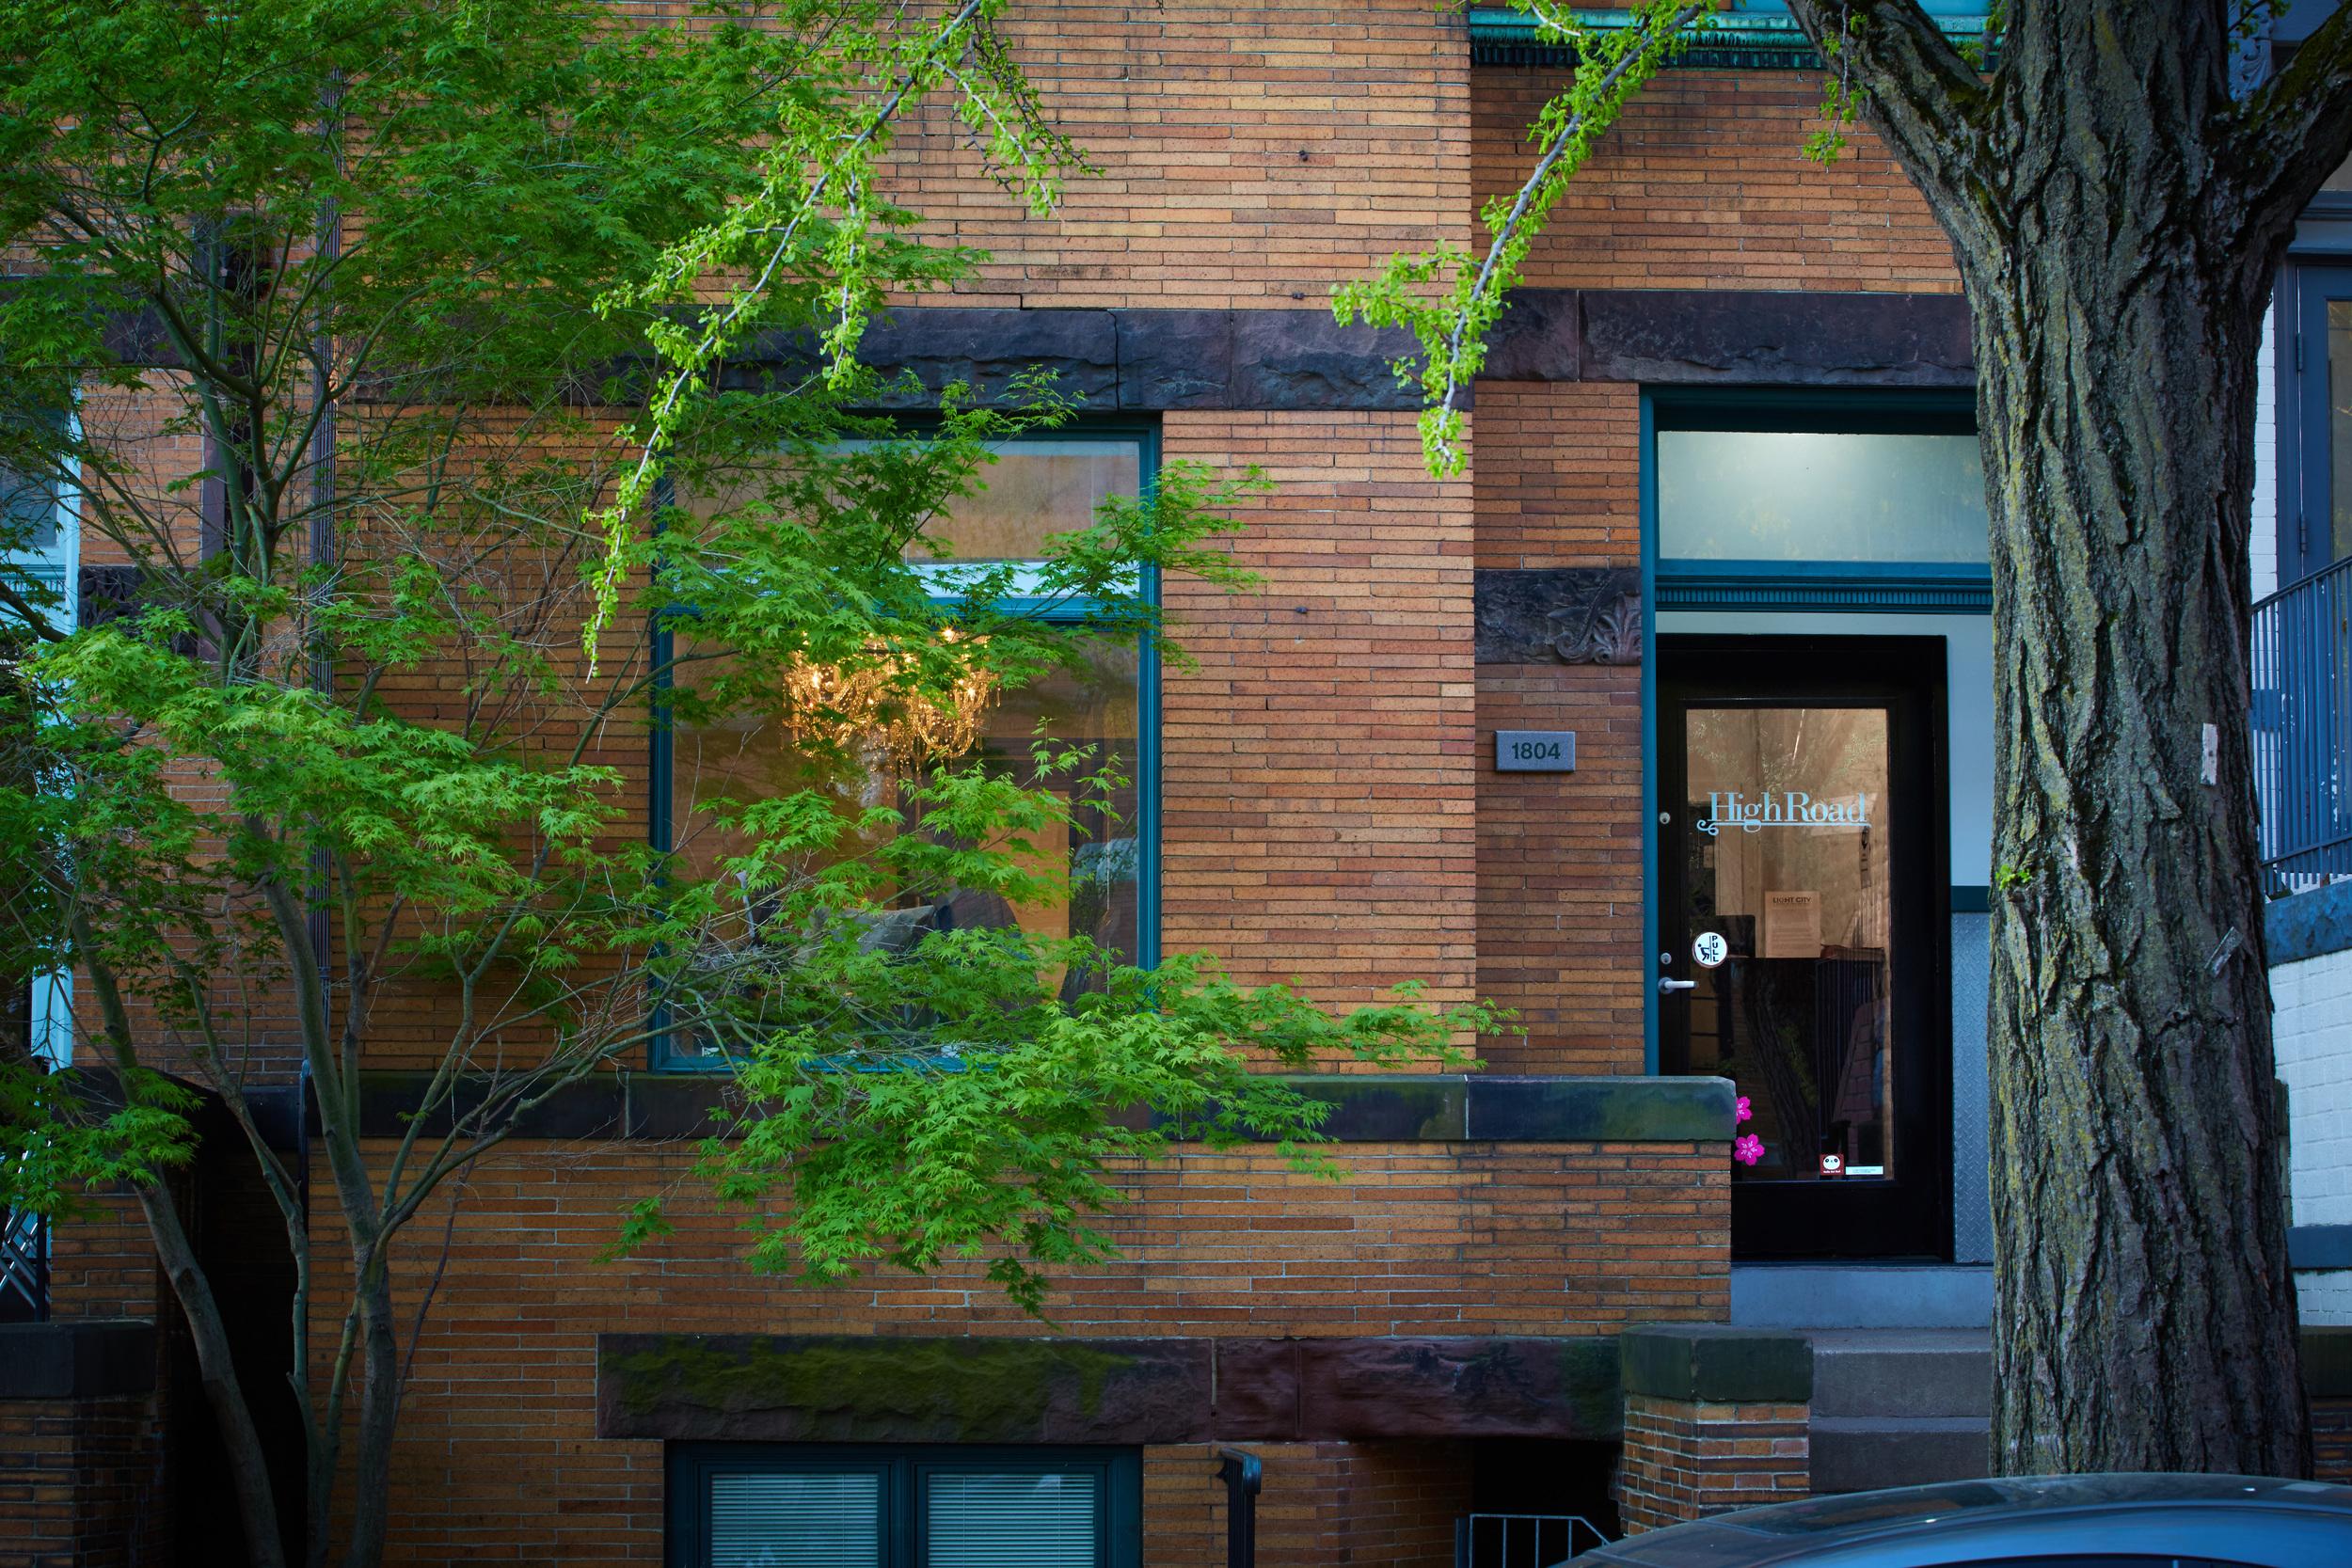 exteriors_007.jpg